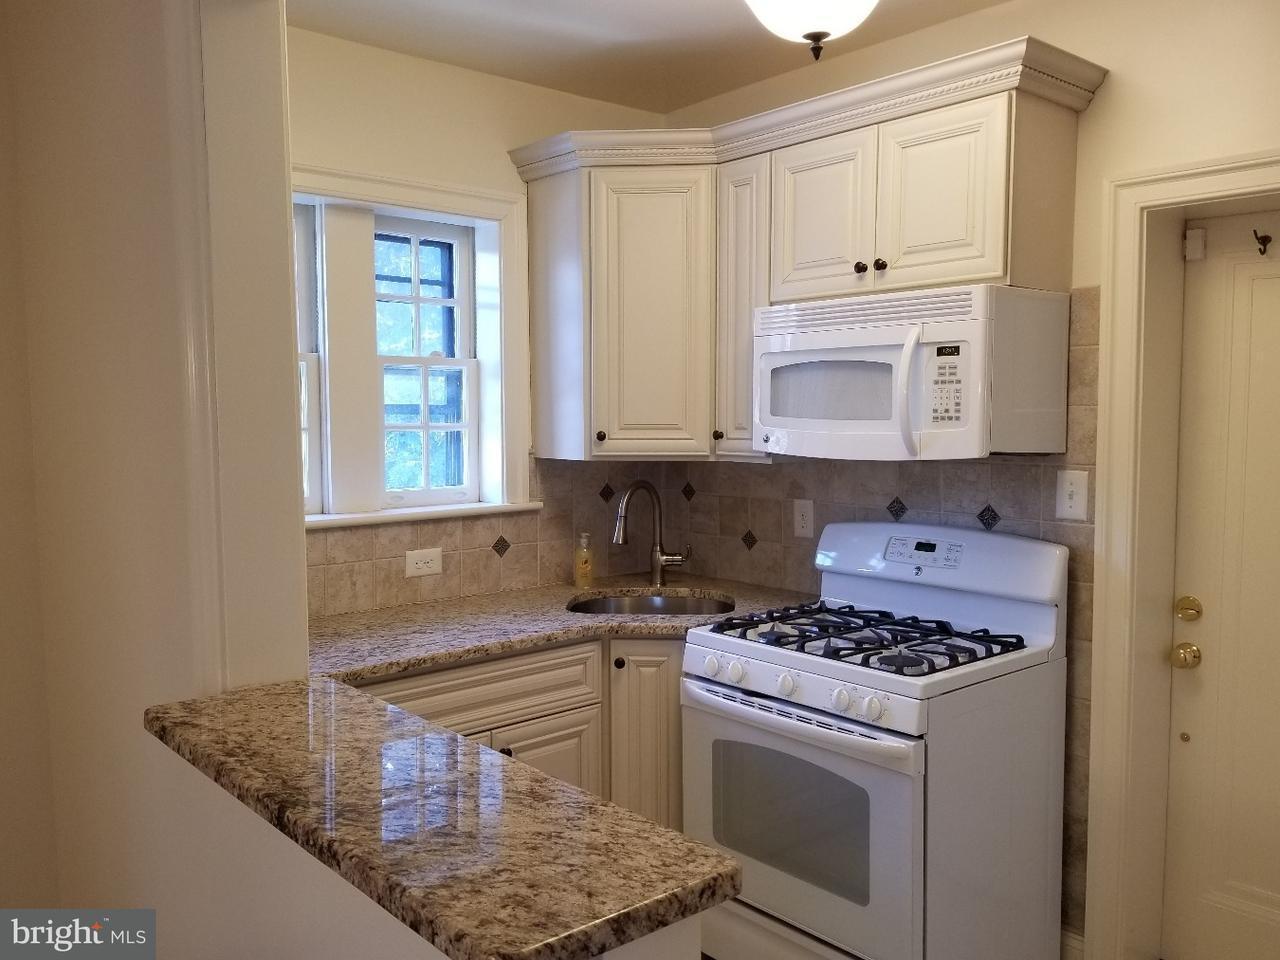 独户住宅 为 出租 在 210 E MAPLE AVE #A3 Merchantville, 新泽西州 08109 美国